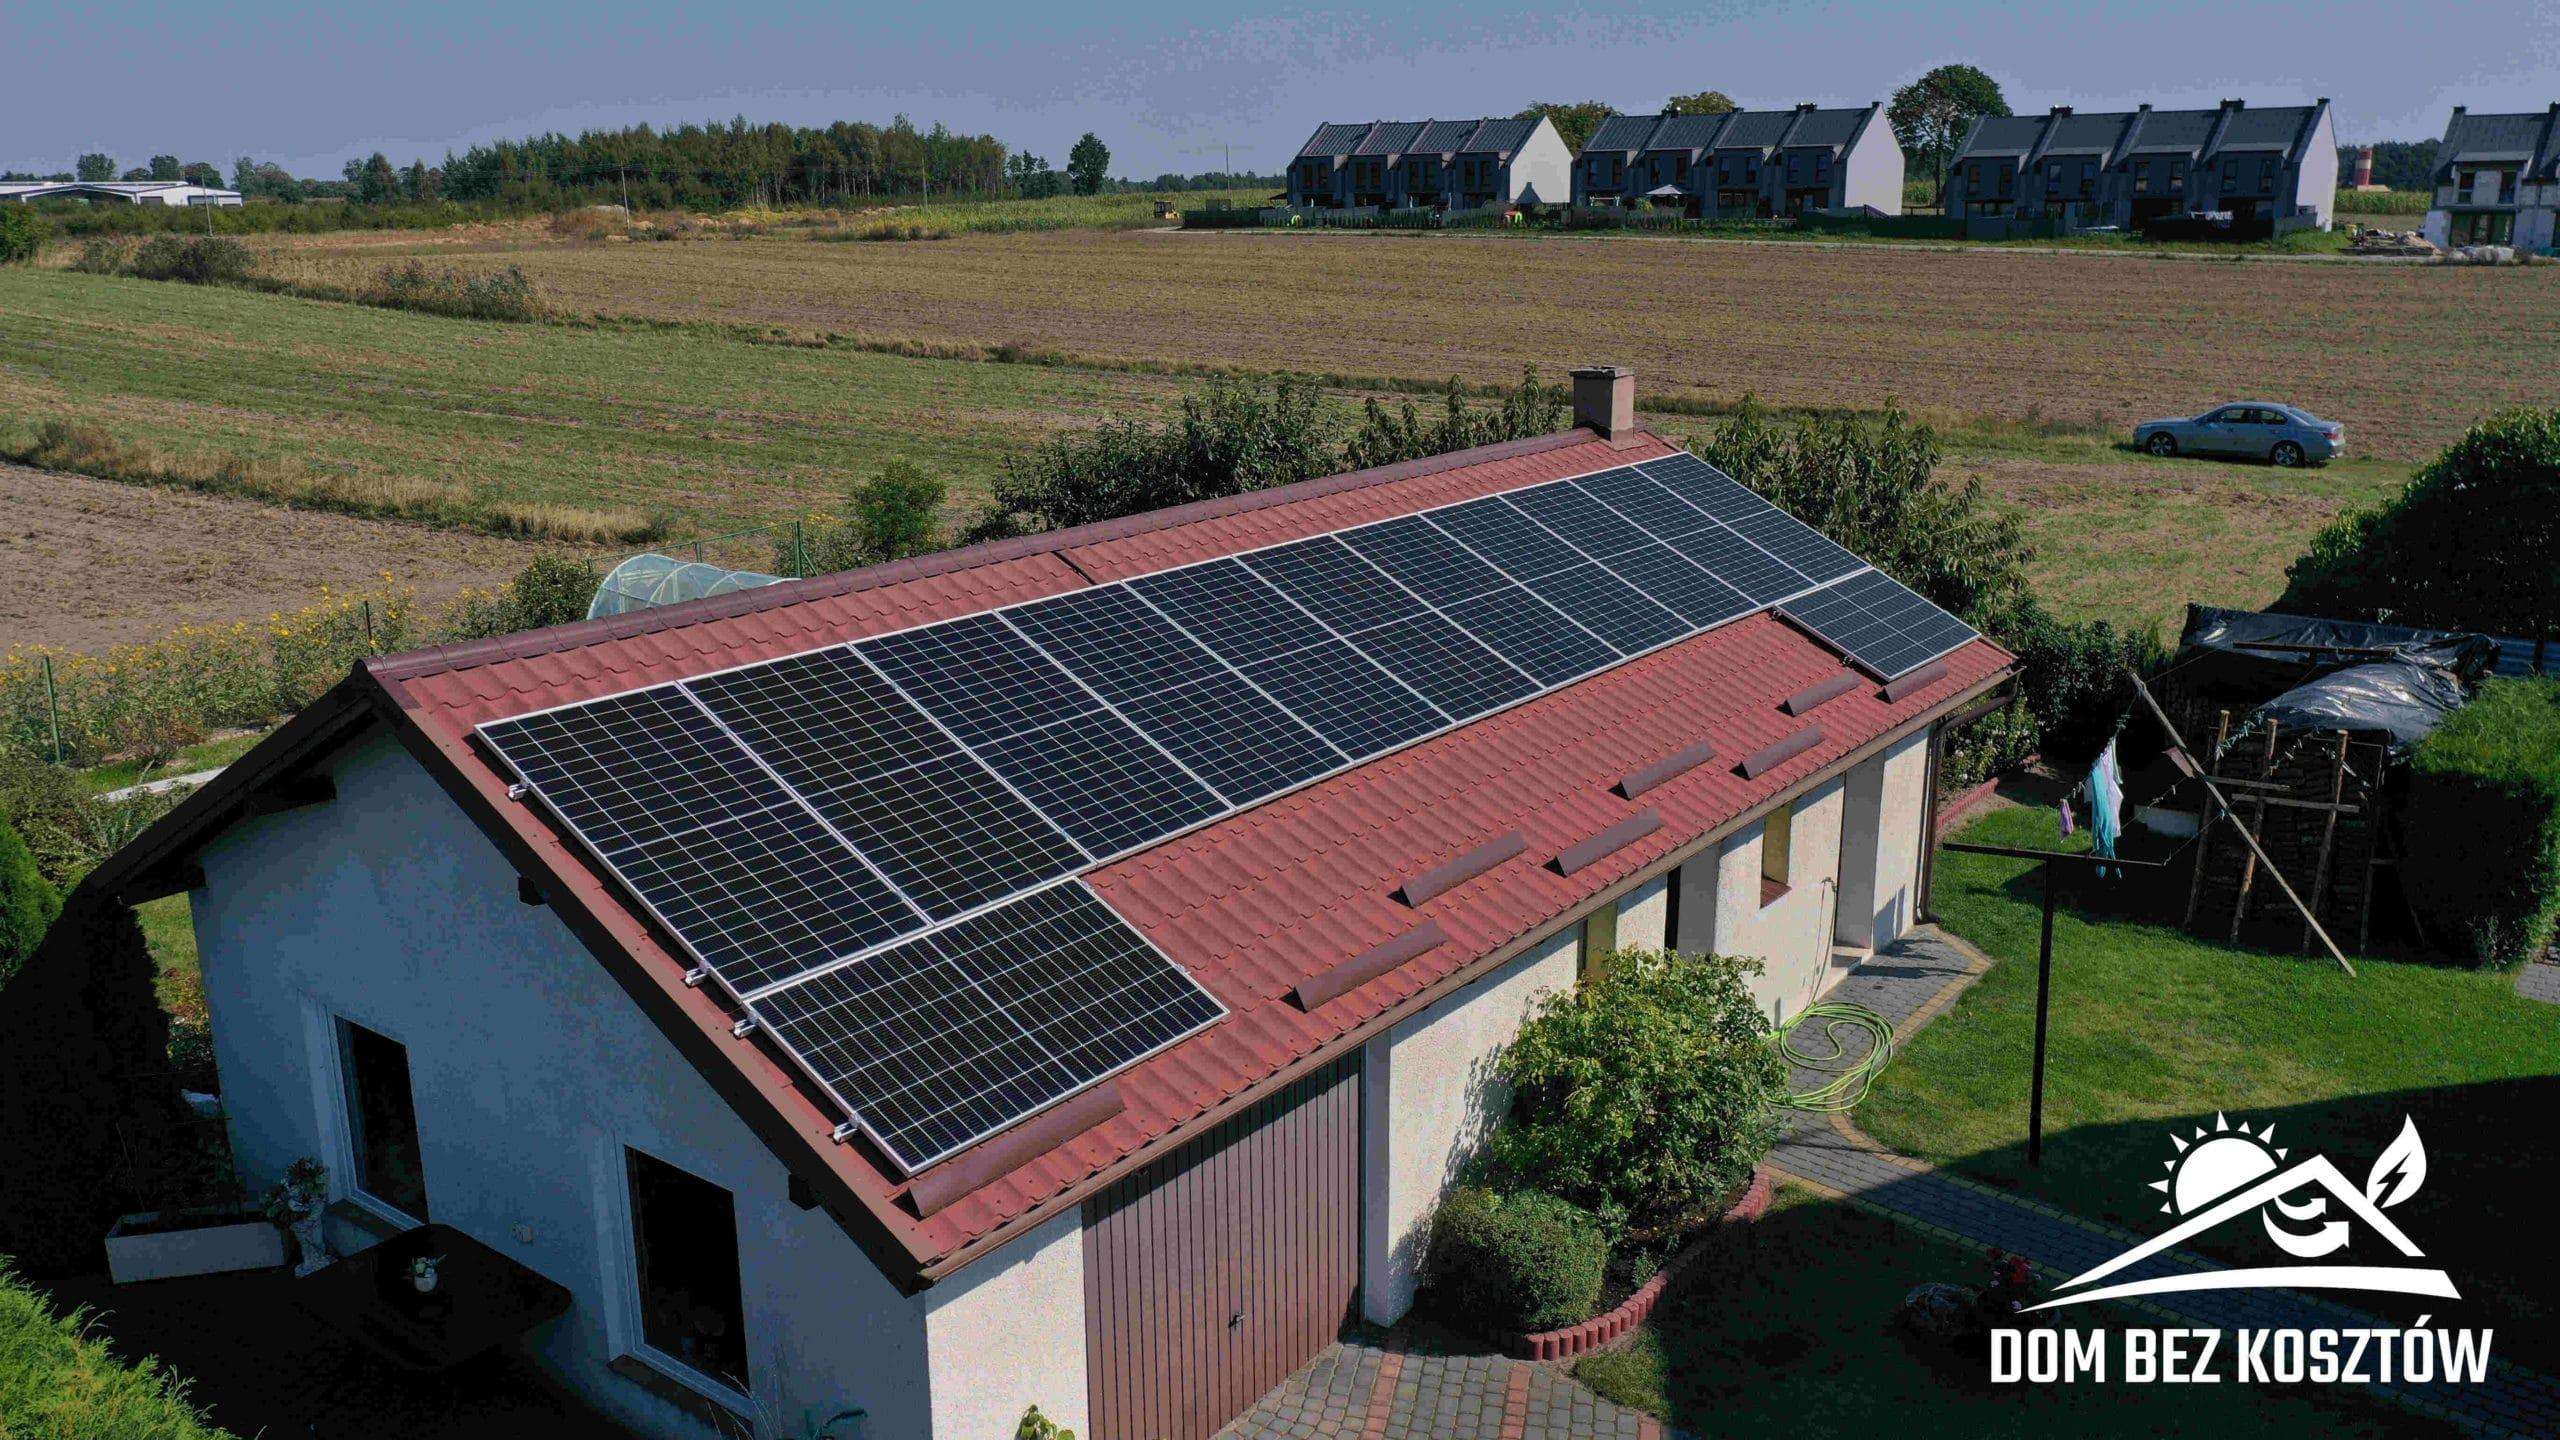 Instalacja fotowoltaiczna o mocy 6,5 kWp na dachu budynku gospodarczego w Czersku